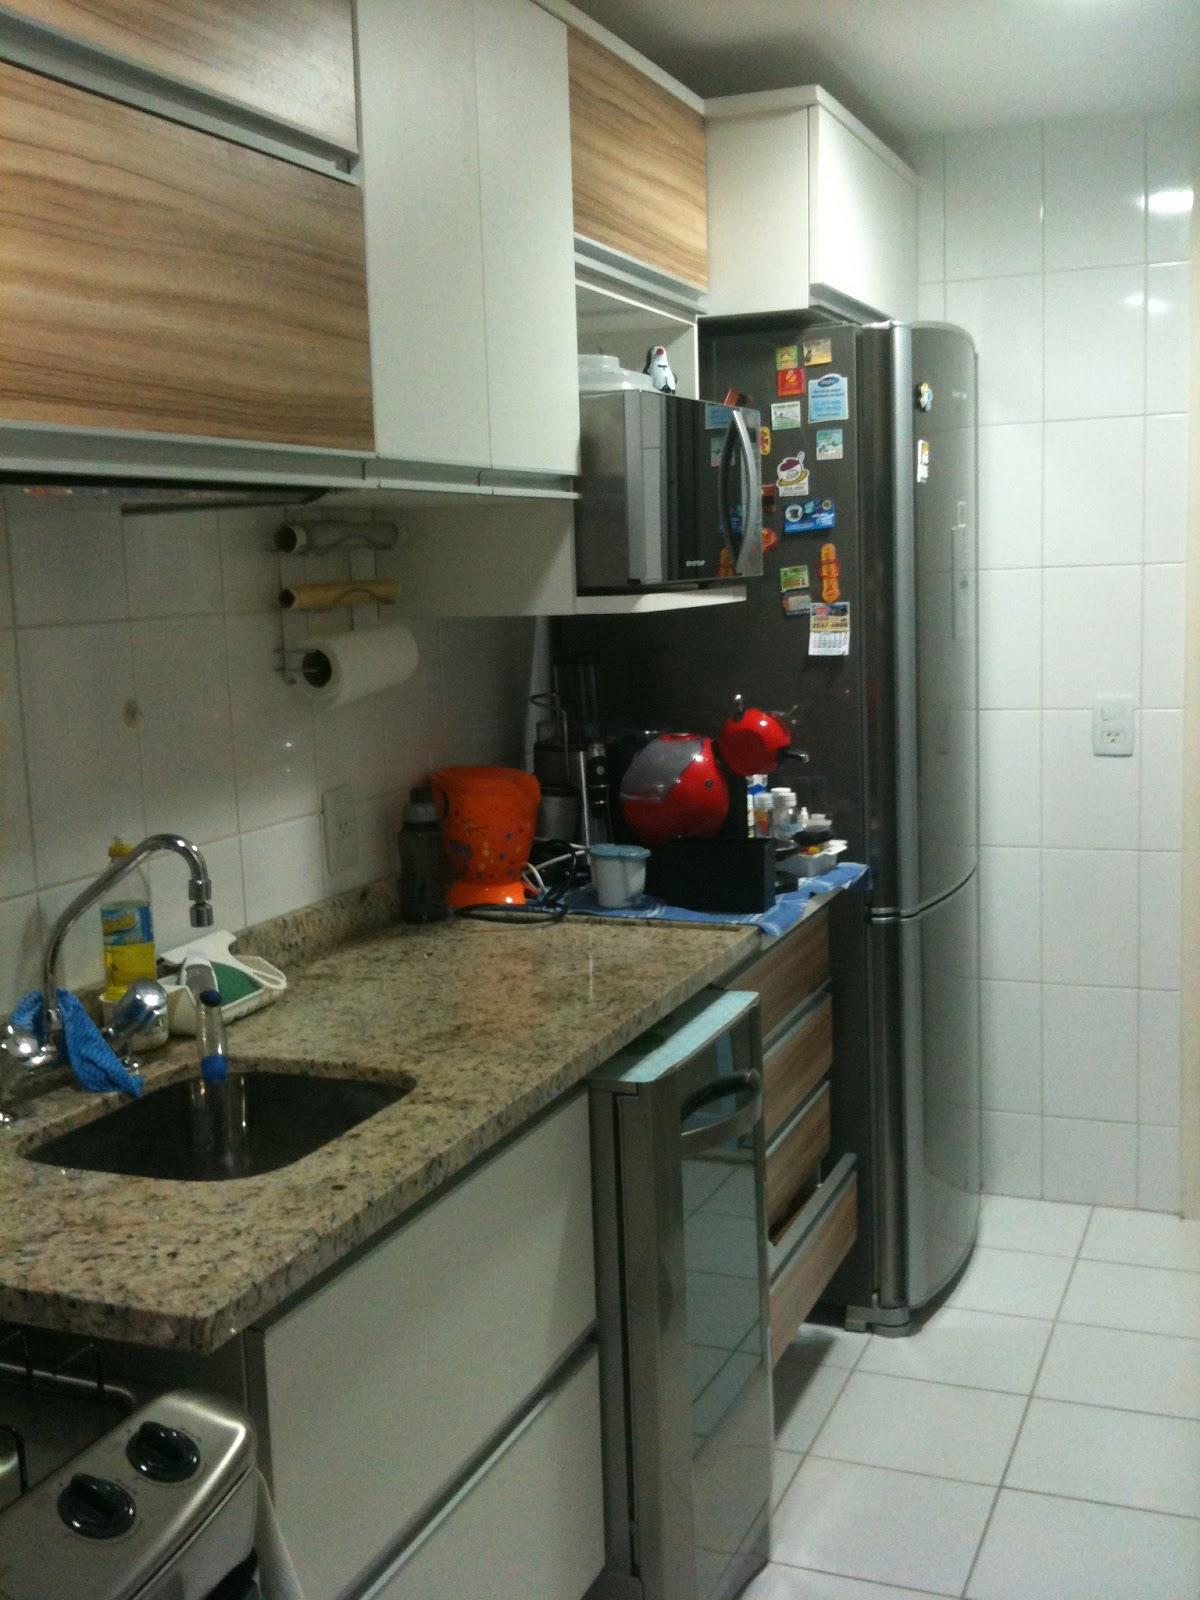 geladeira seguida da pia e fogão. Com espaço para o microondas e a #653F28 1200 1600